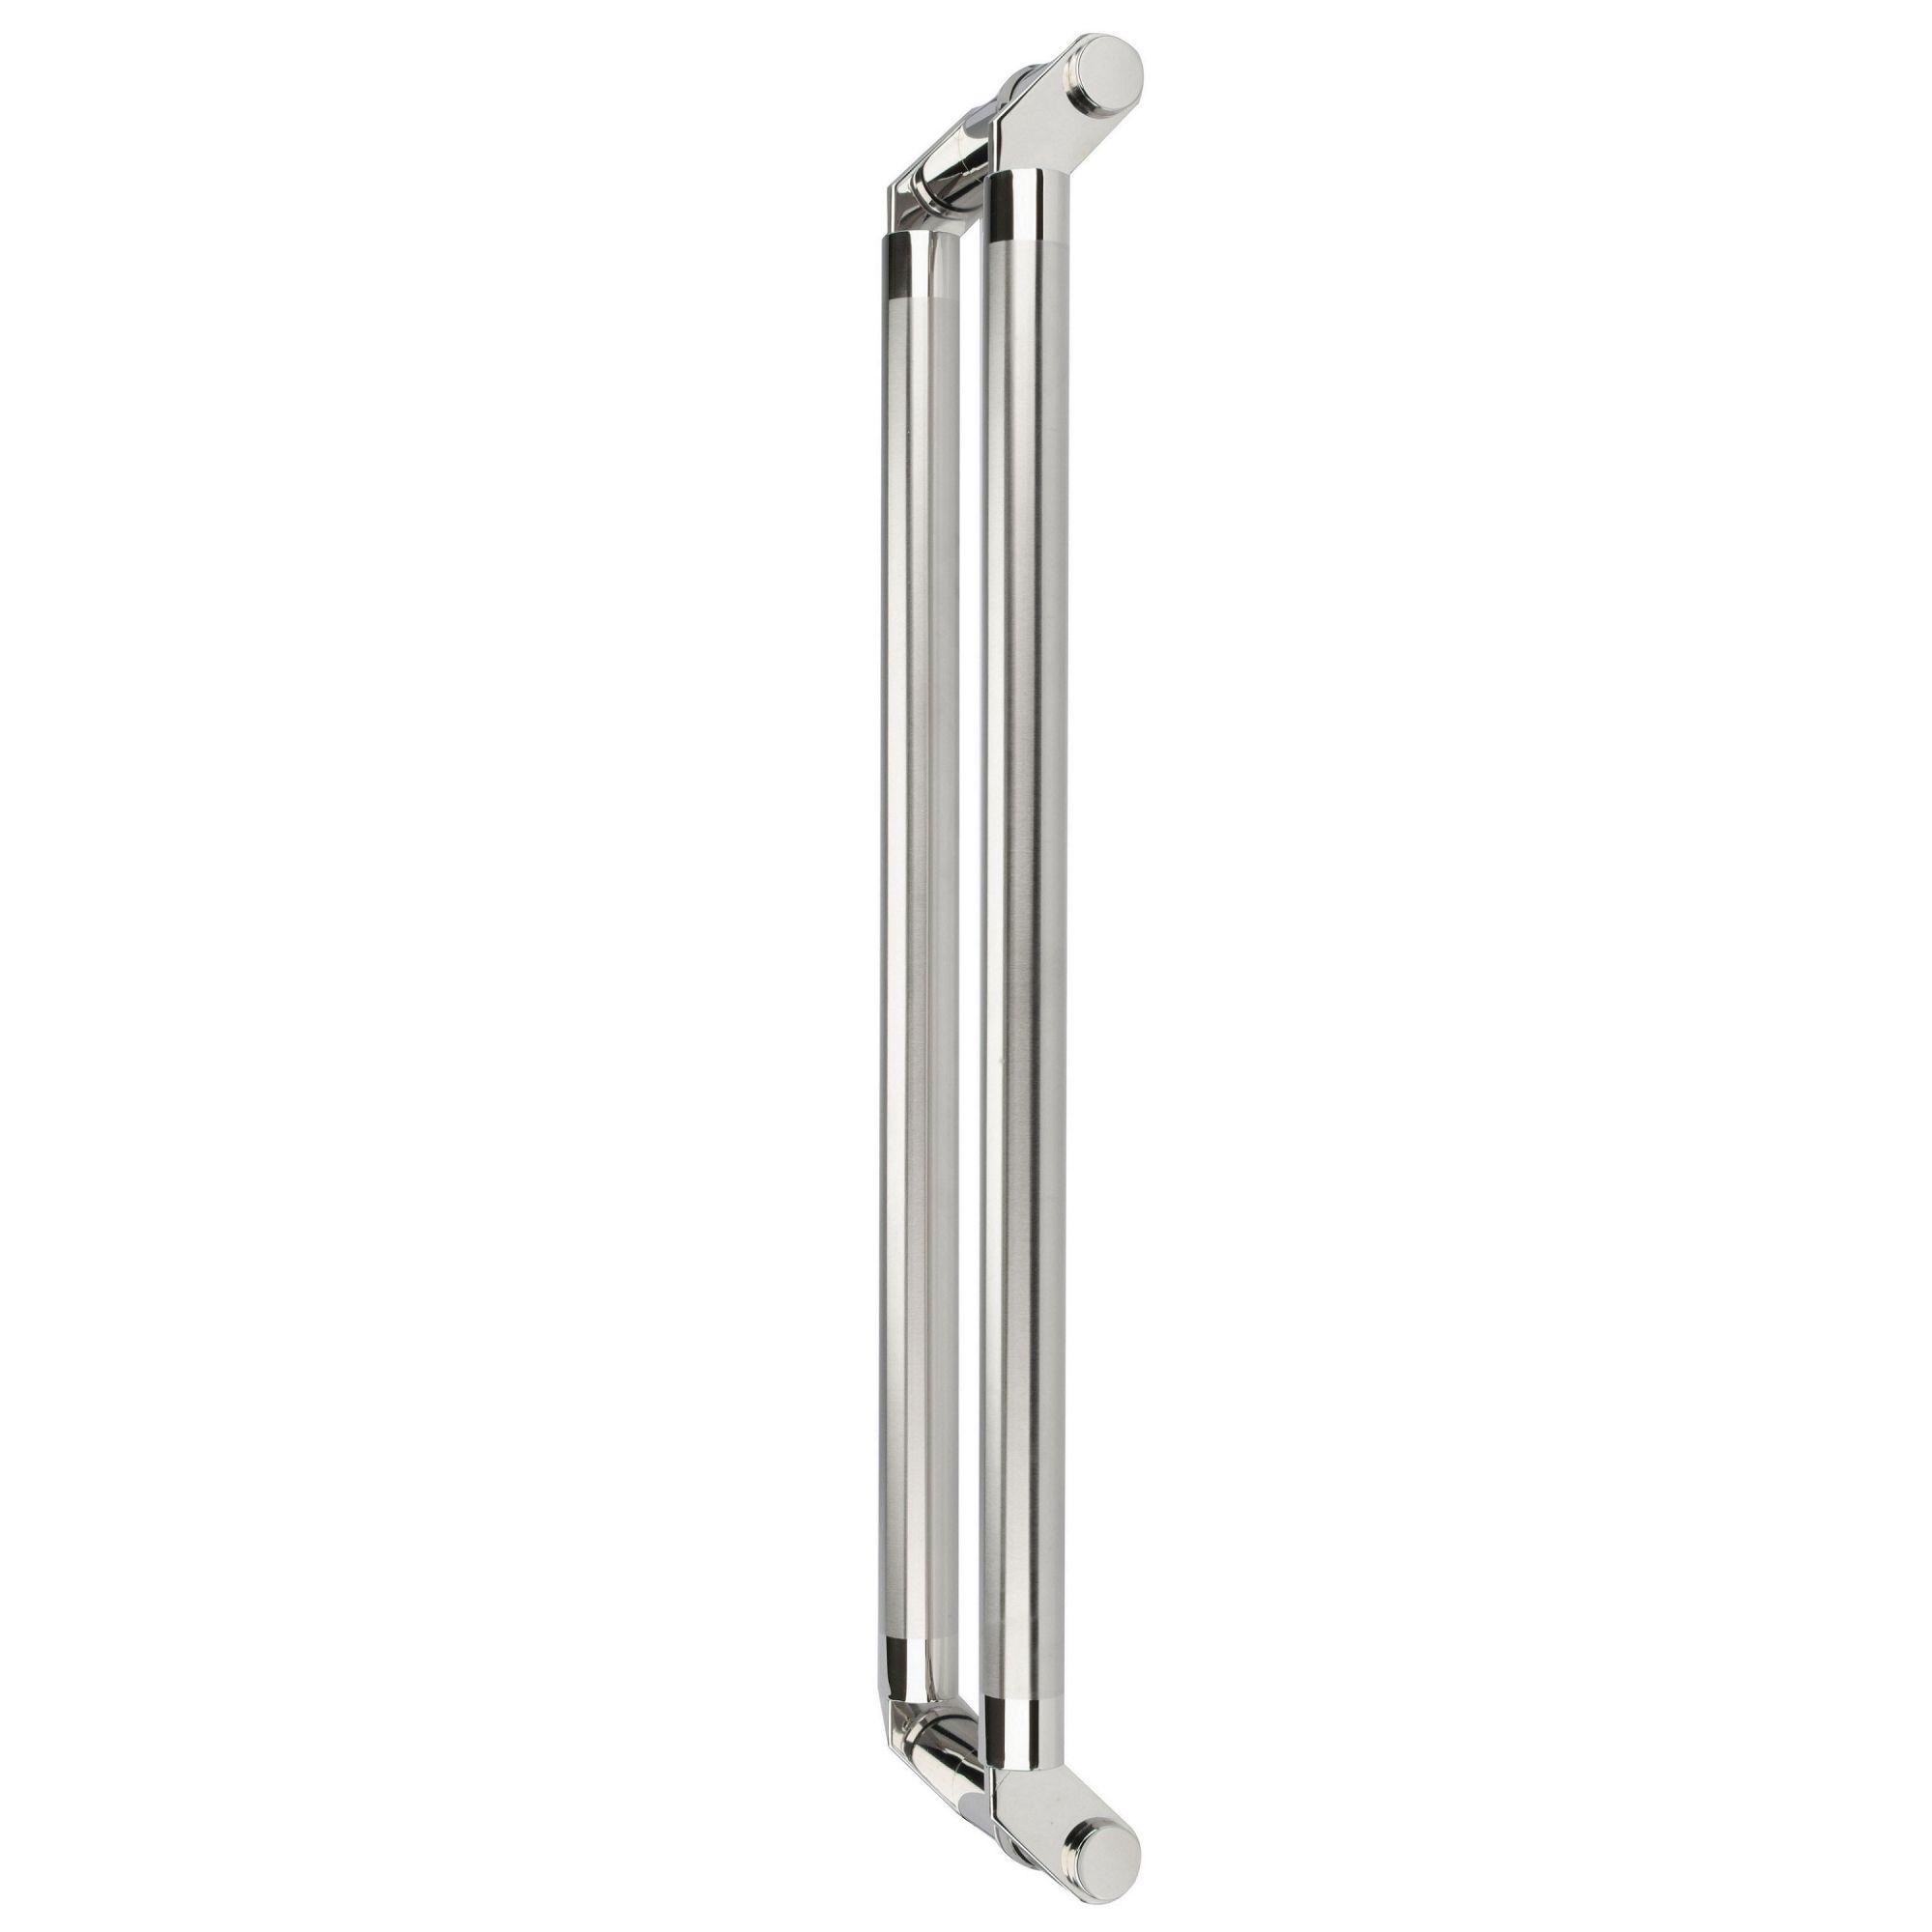 Puxador inox para porta madeira e vidro tubular modelado 1,20m H01